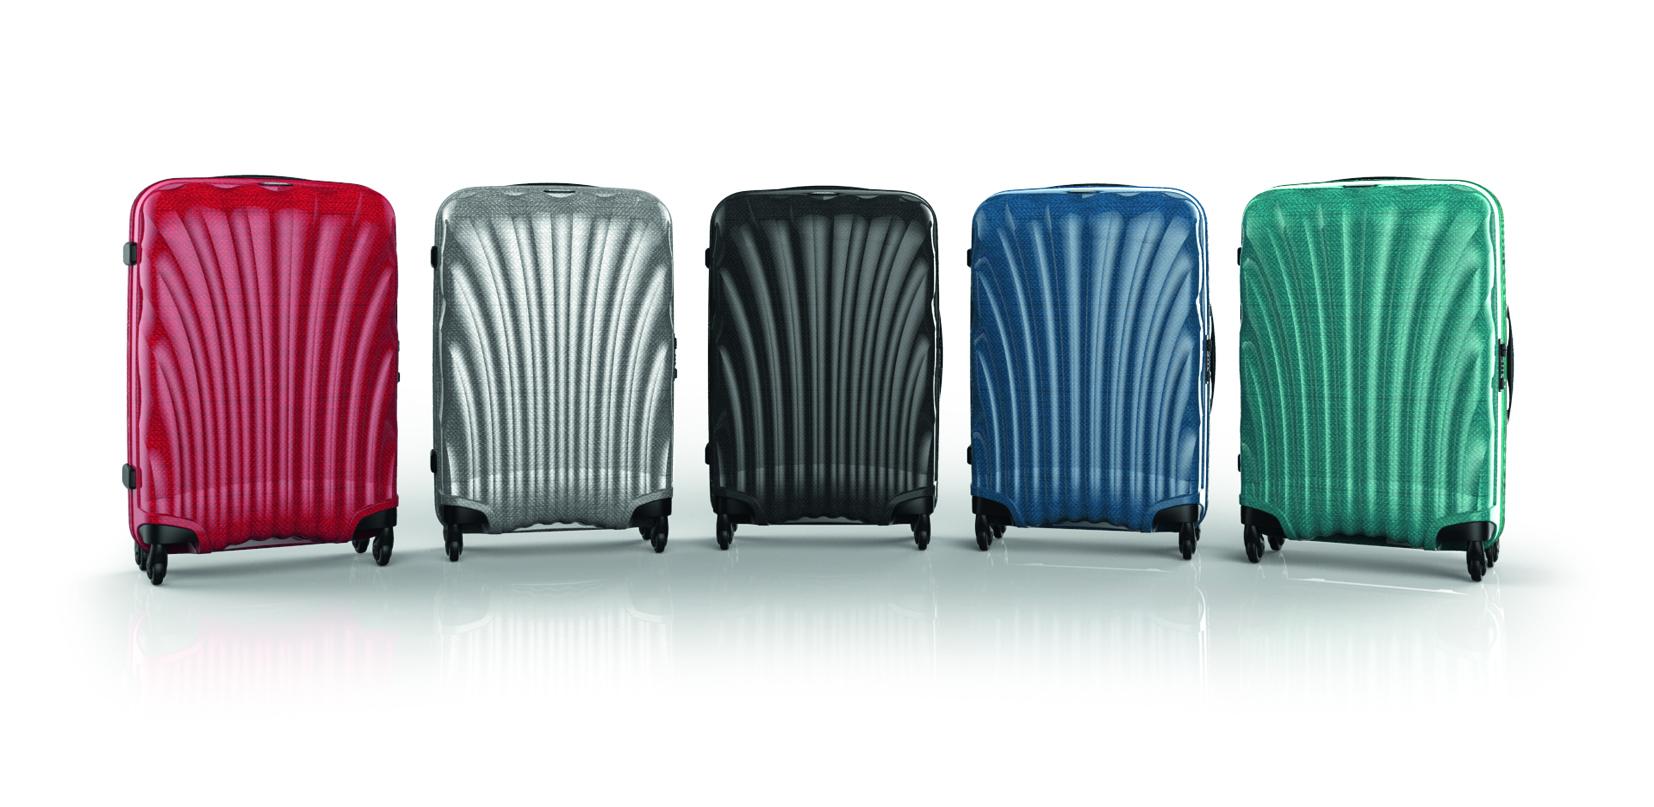 Los 7 mejores modelos de valijas para viajes - Viajobien.com